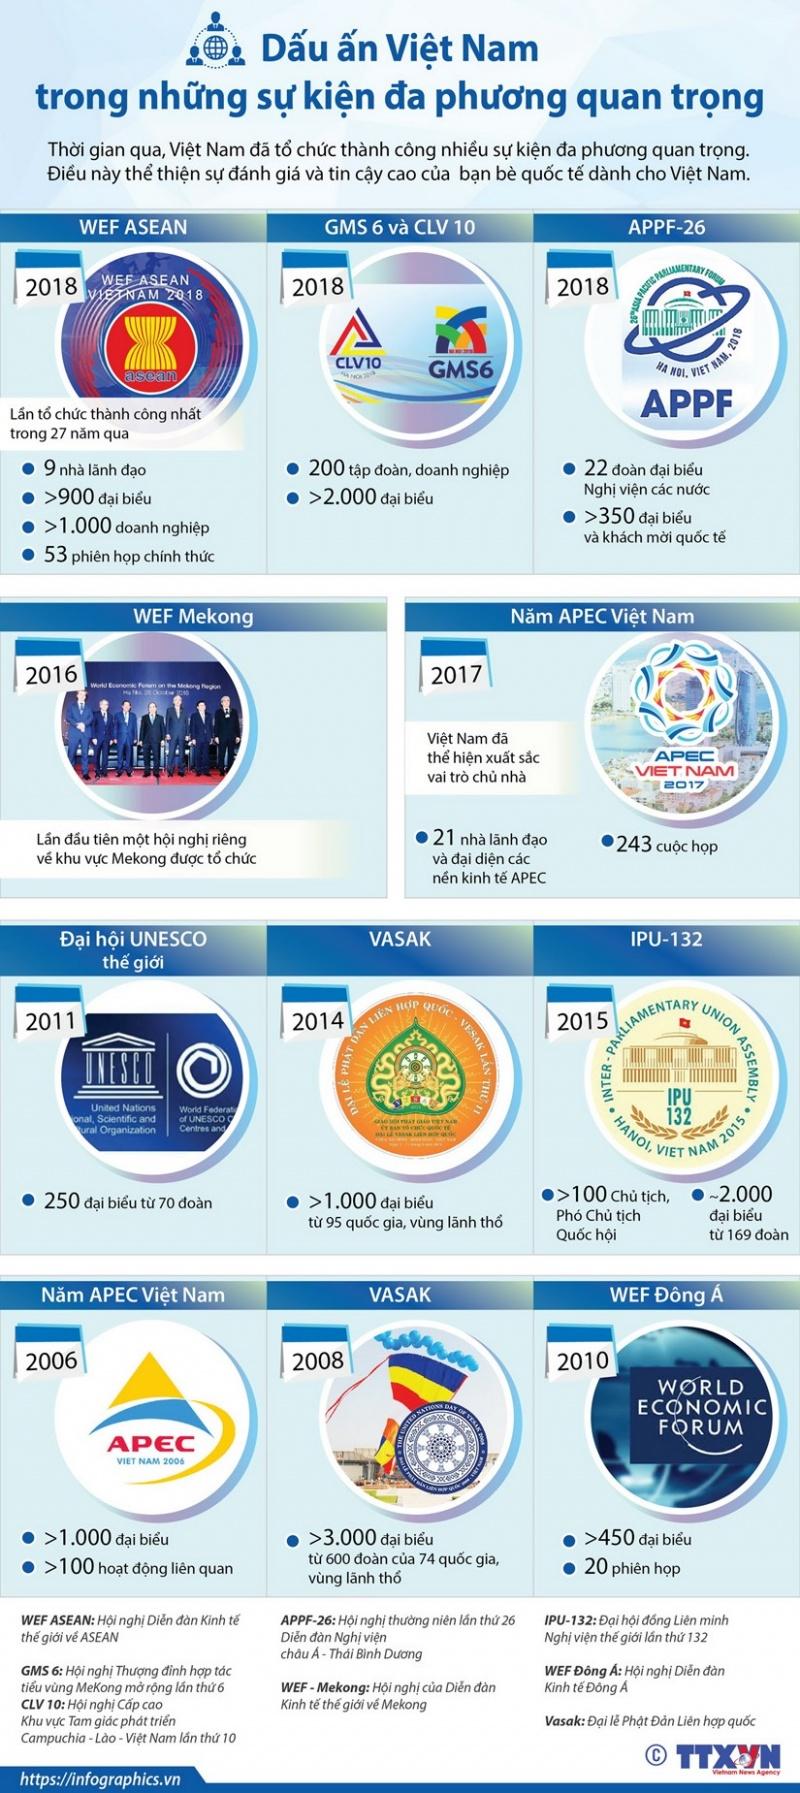 [Infographics] Dấu ấn Việt Nam trong những sự kiện đa phương quan trọng